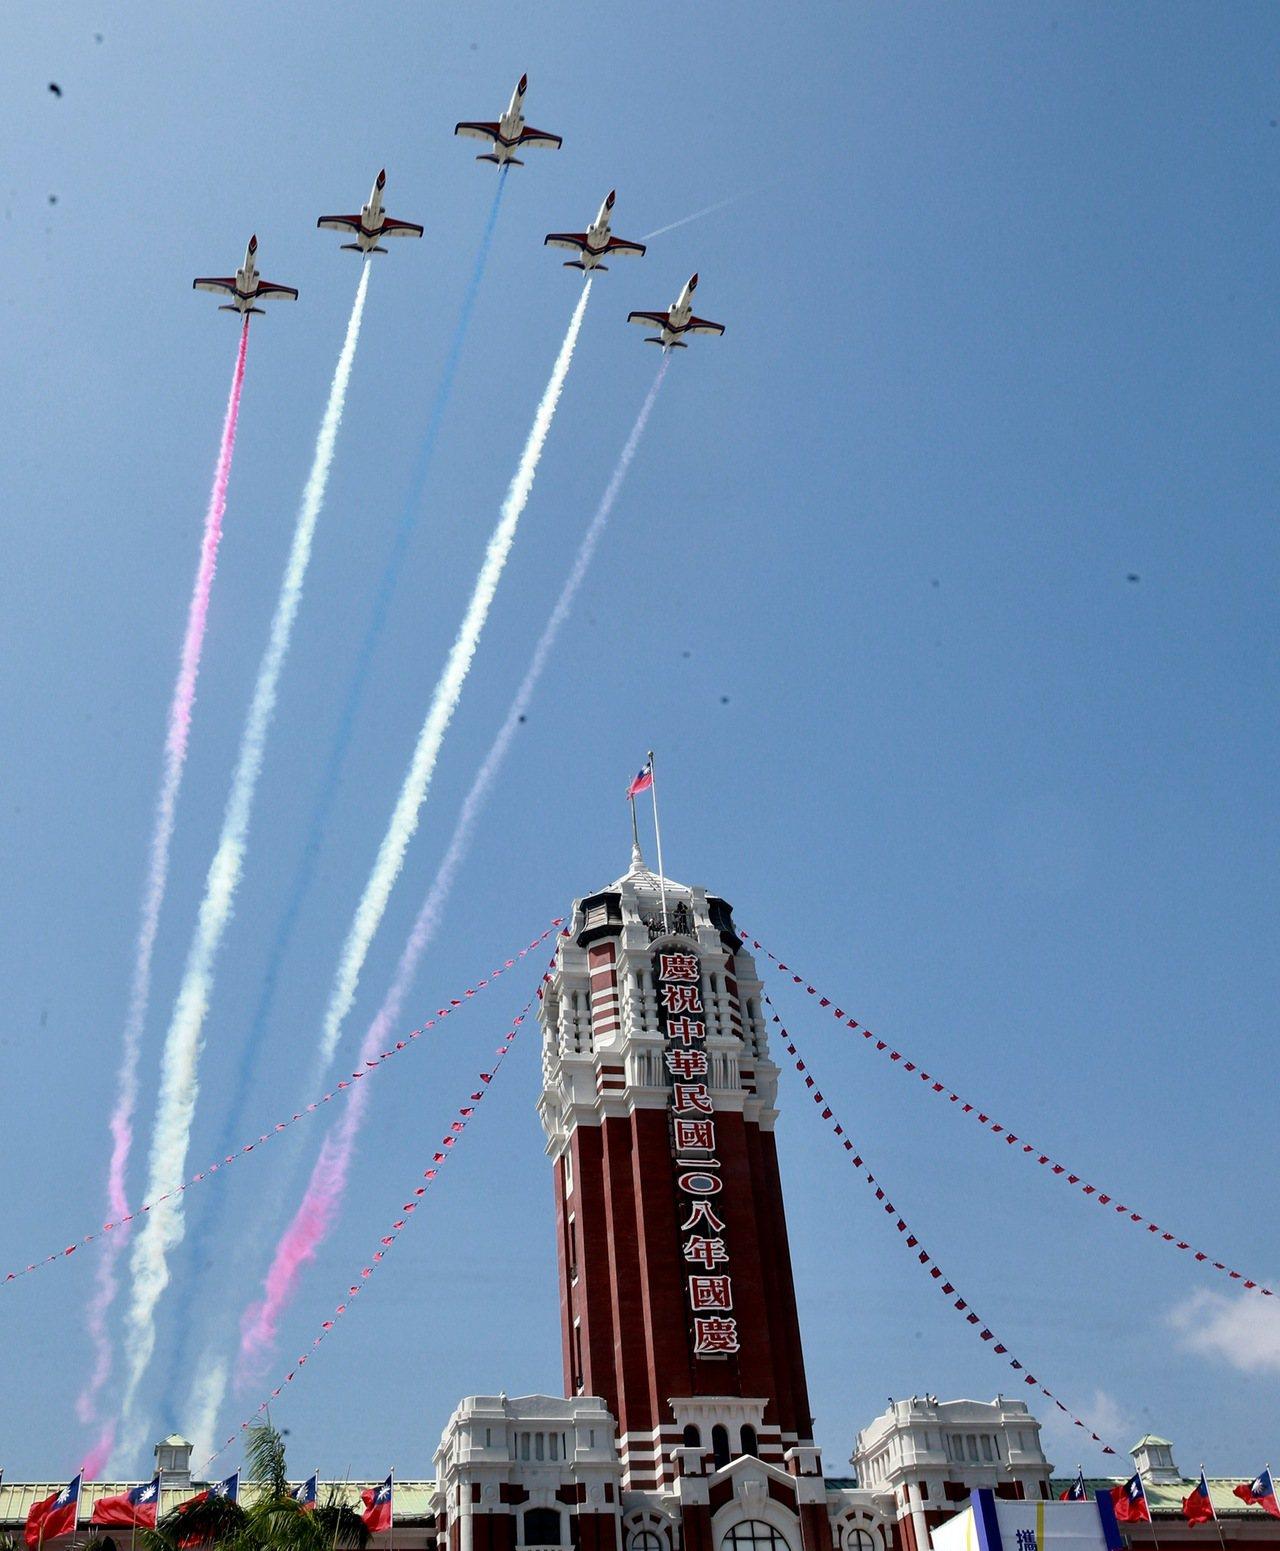 國慶大會的壓軸演出是國機國造的空軍經國號戰機、雷虎小組AT3教練機,分別以5機組...